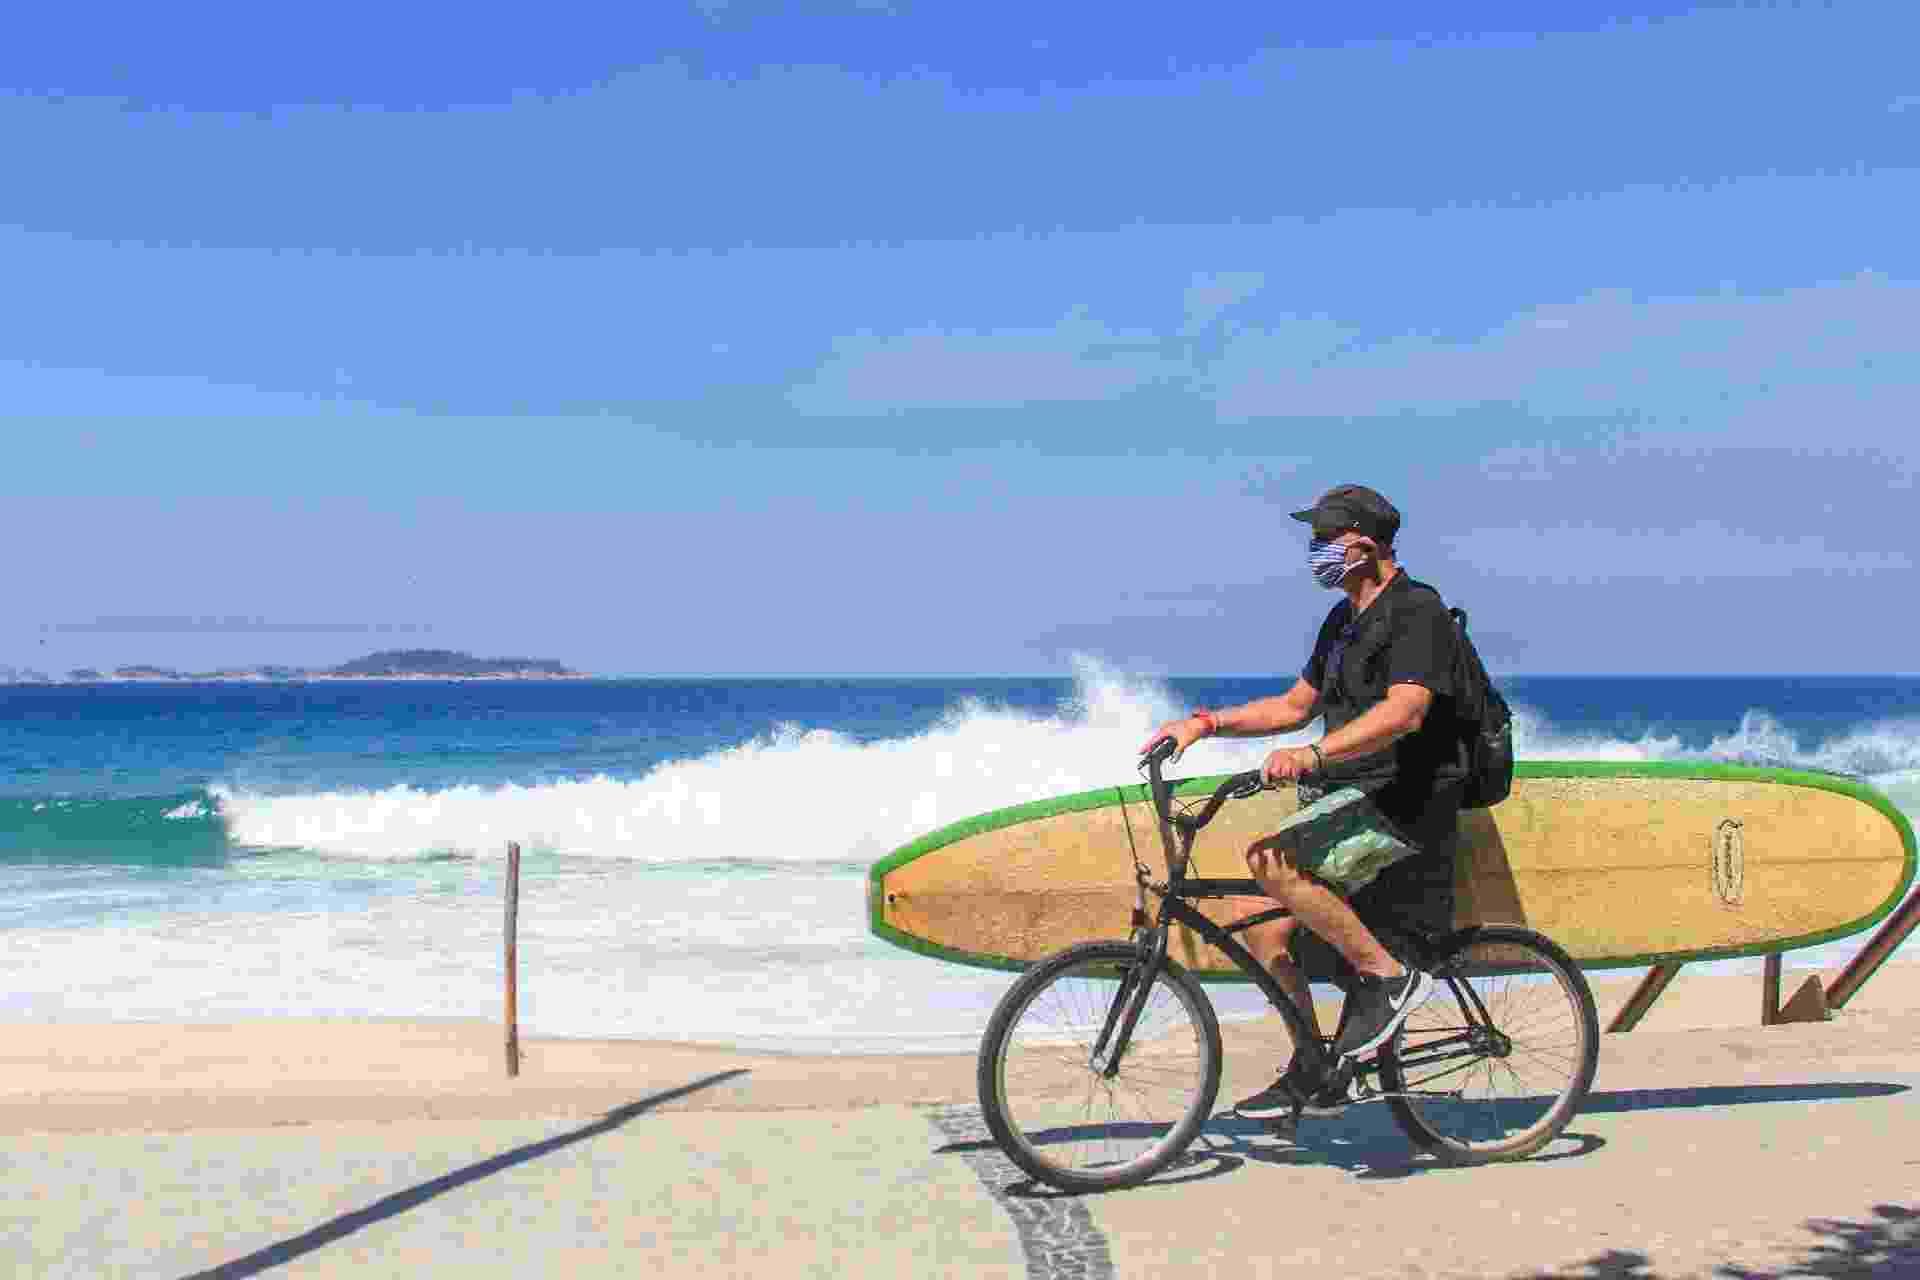 Apesar da proibição, surfistas foram às praias do Rio - ELLAN LUSTOSA/CÓDIGO19/ESTADÃO CONTEÚDO